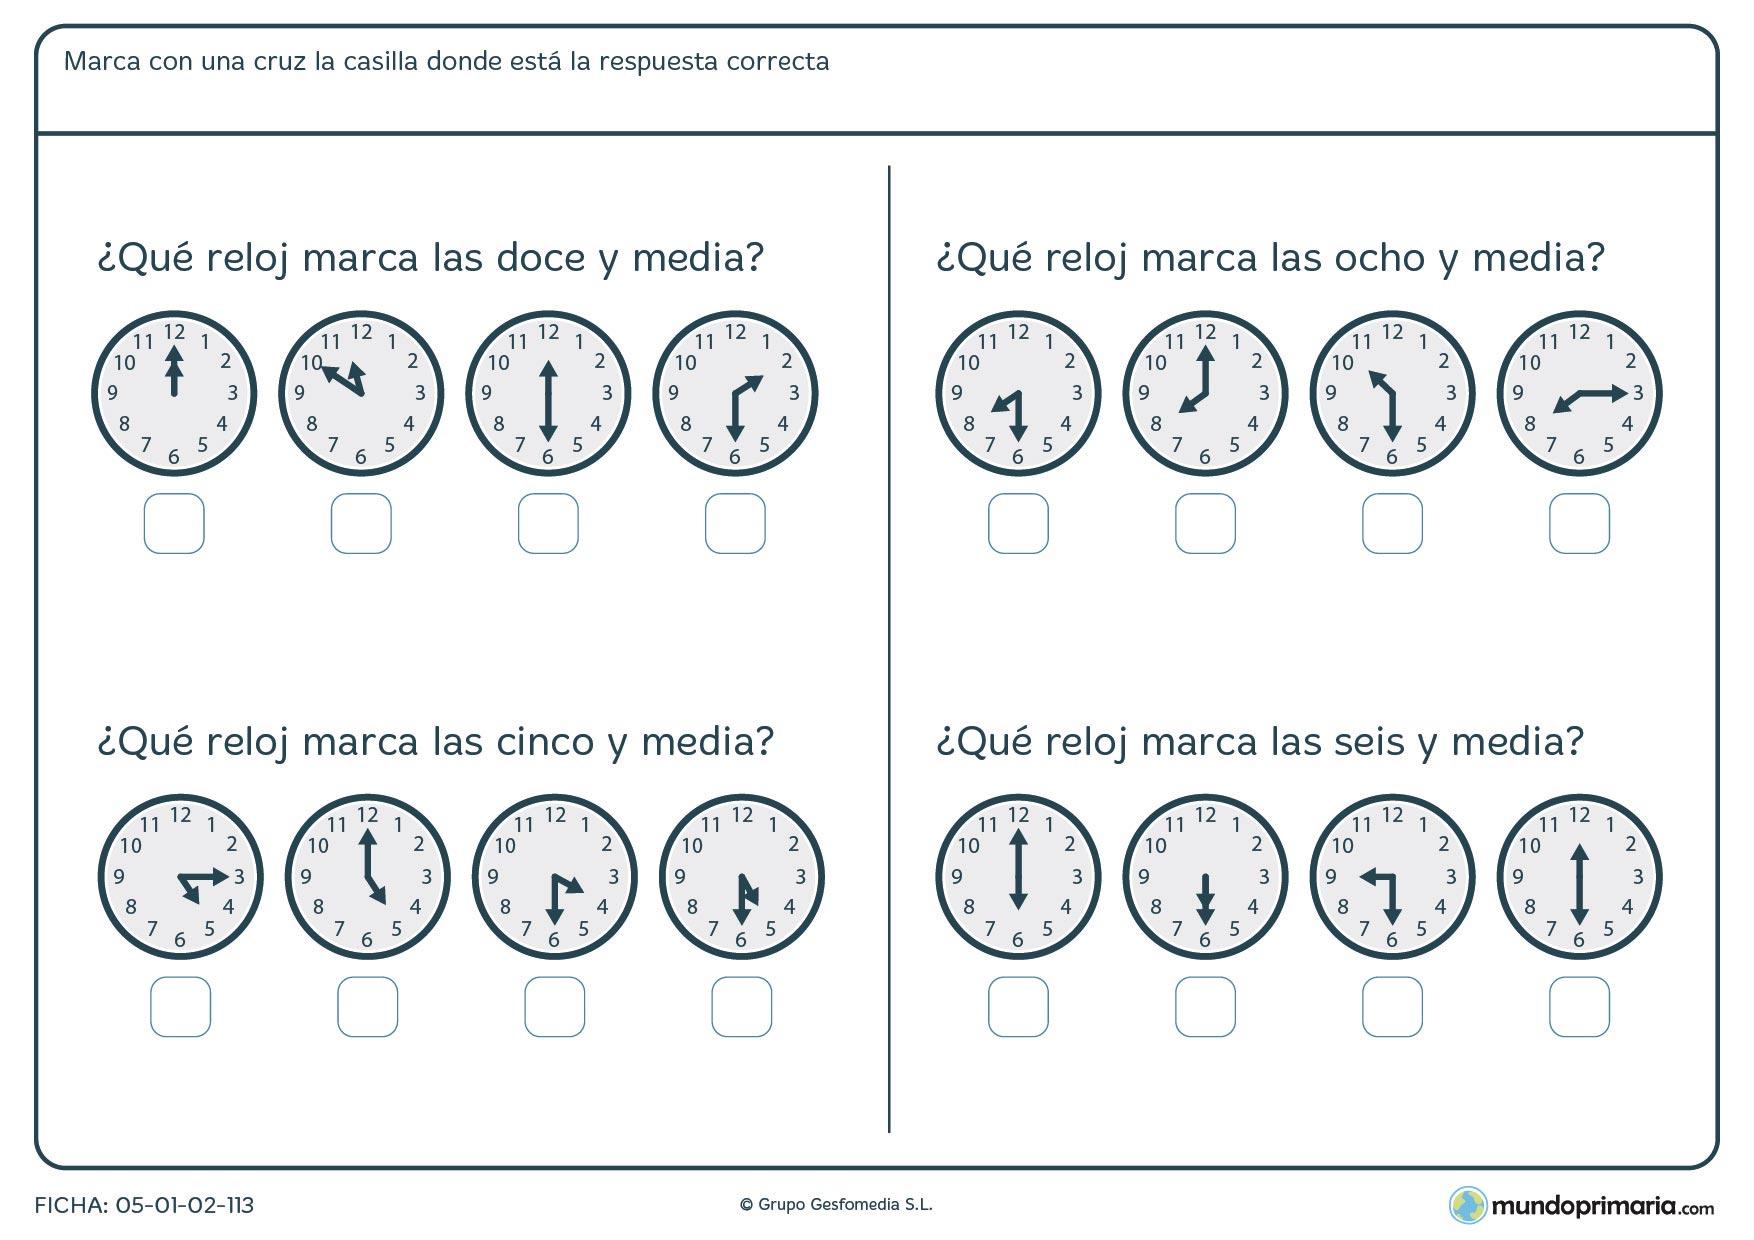 Ficha de relojes analógicos en los que hemos de averiguar la hora que se nos pide.